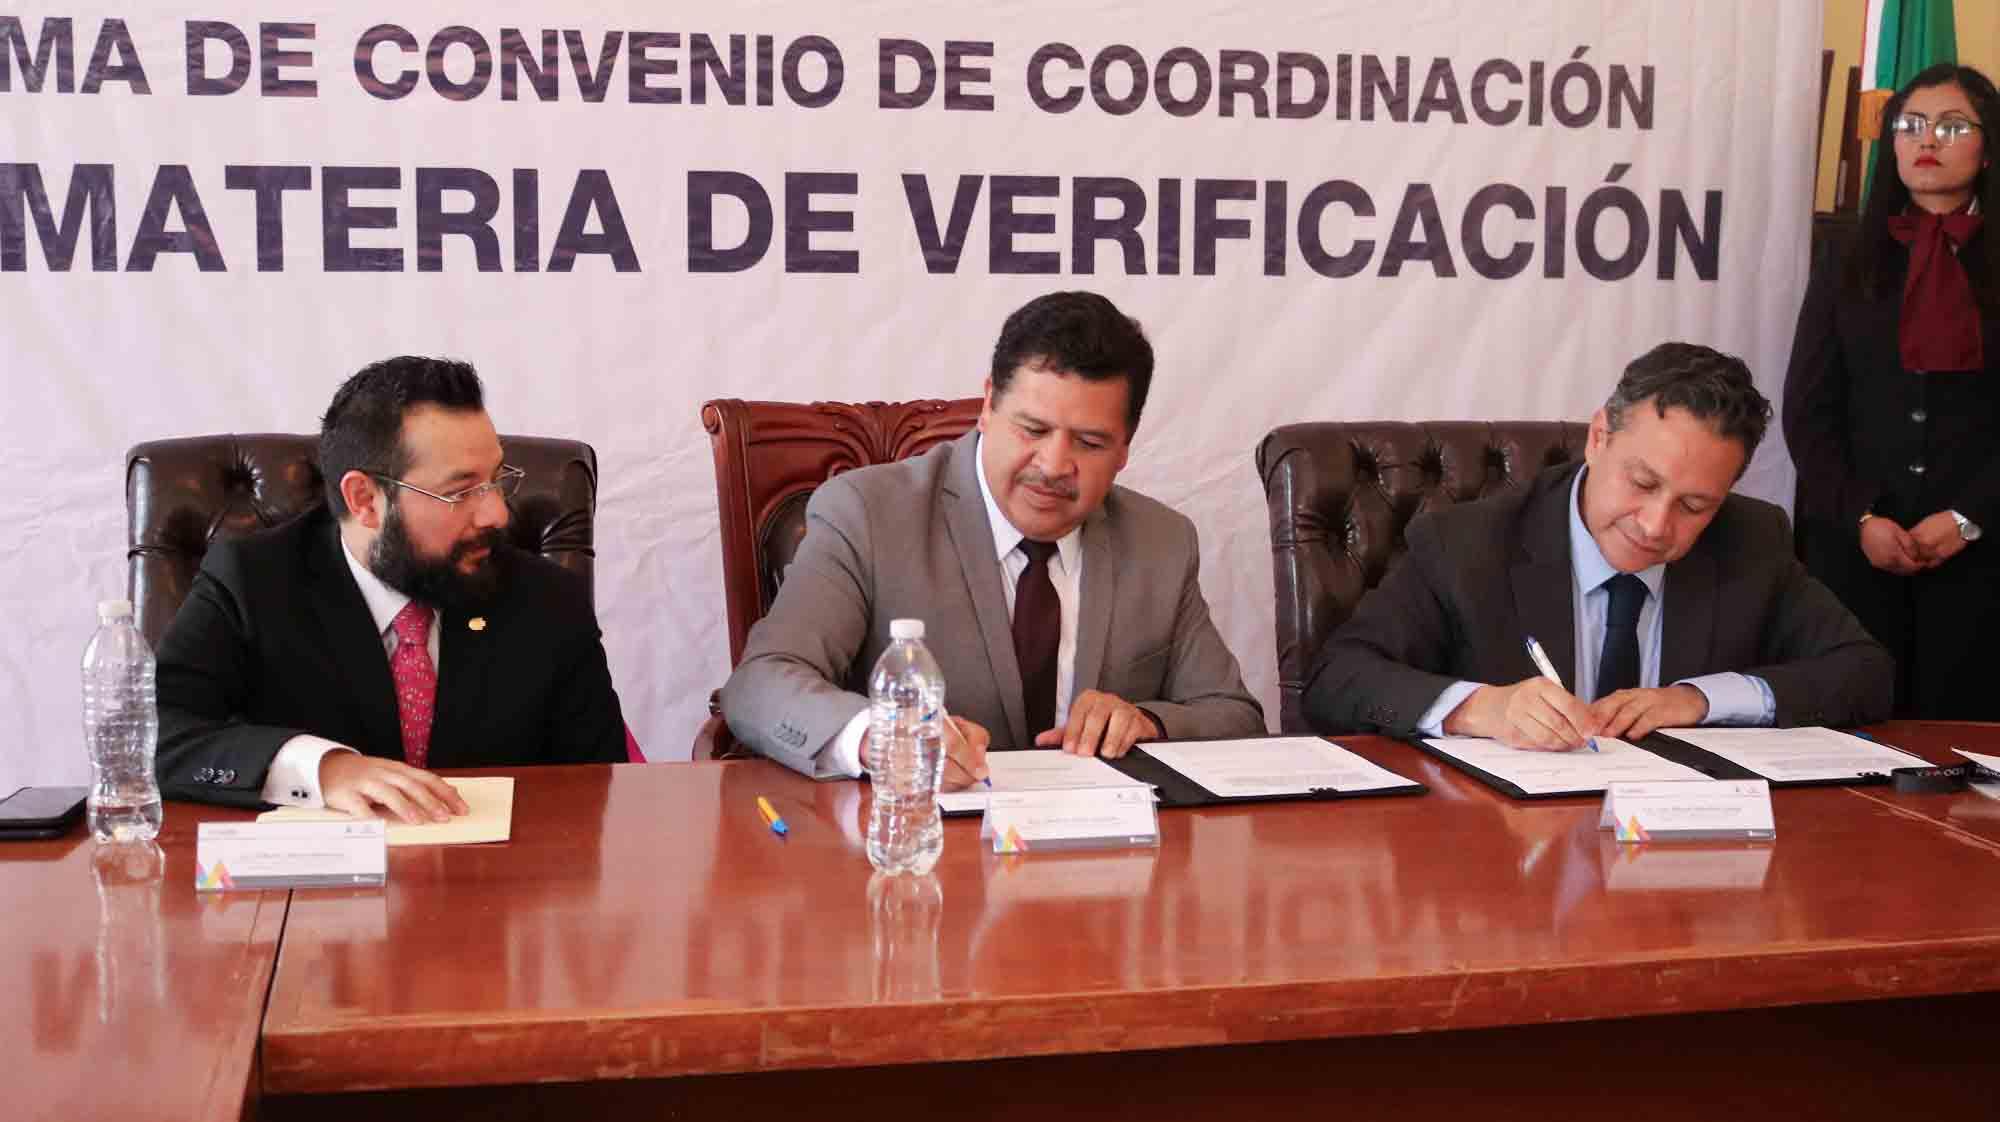 FORTALECEN VISITAS DE VERIFICACIÓN EN ZINACANTEPEC PARA VIGILAR INVERSIÓN